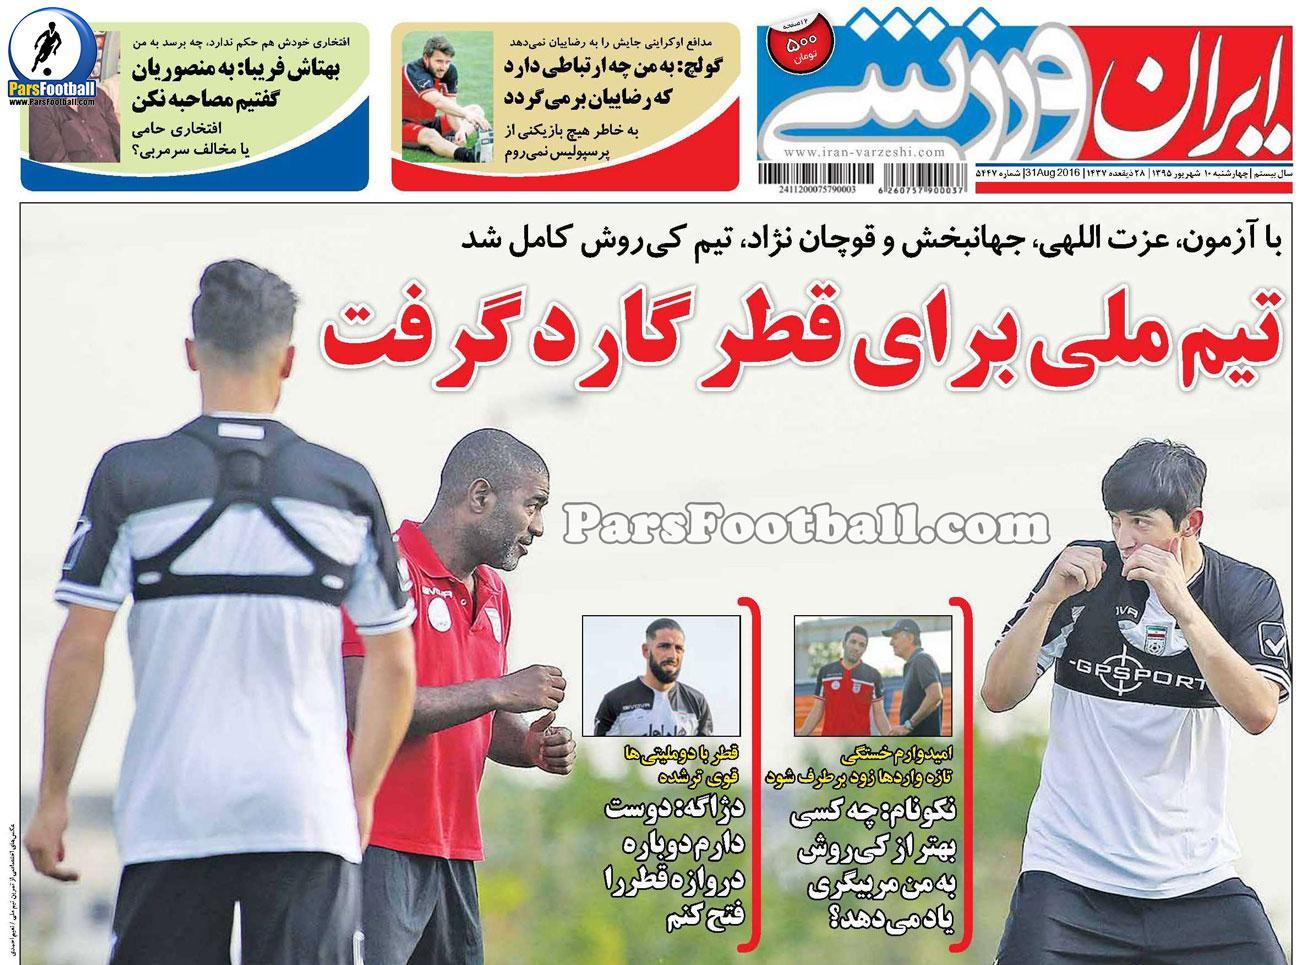 روزنامه ایران ورزشی چهارشنبه 10 شهریور 95